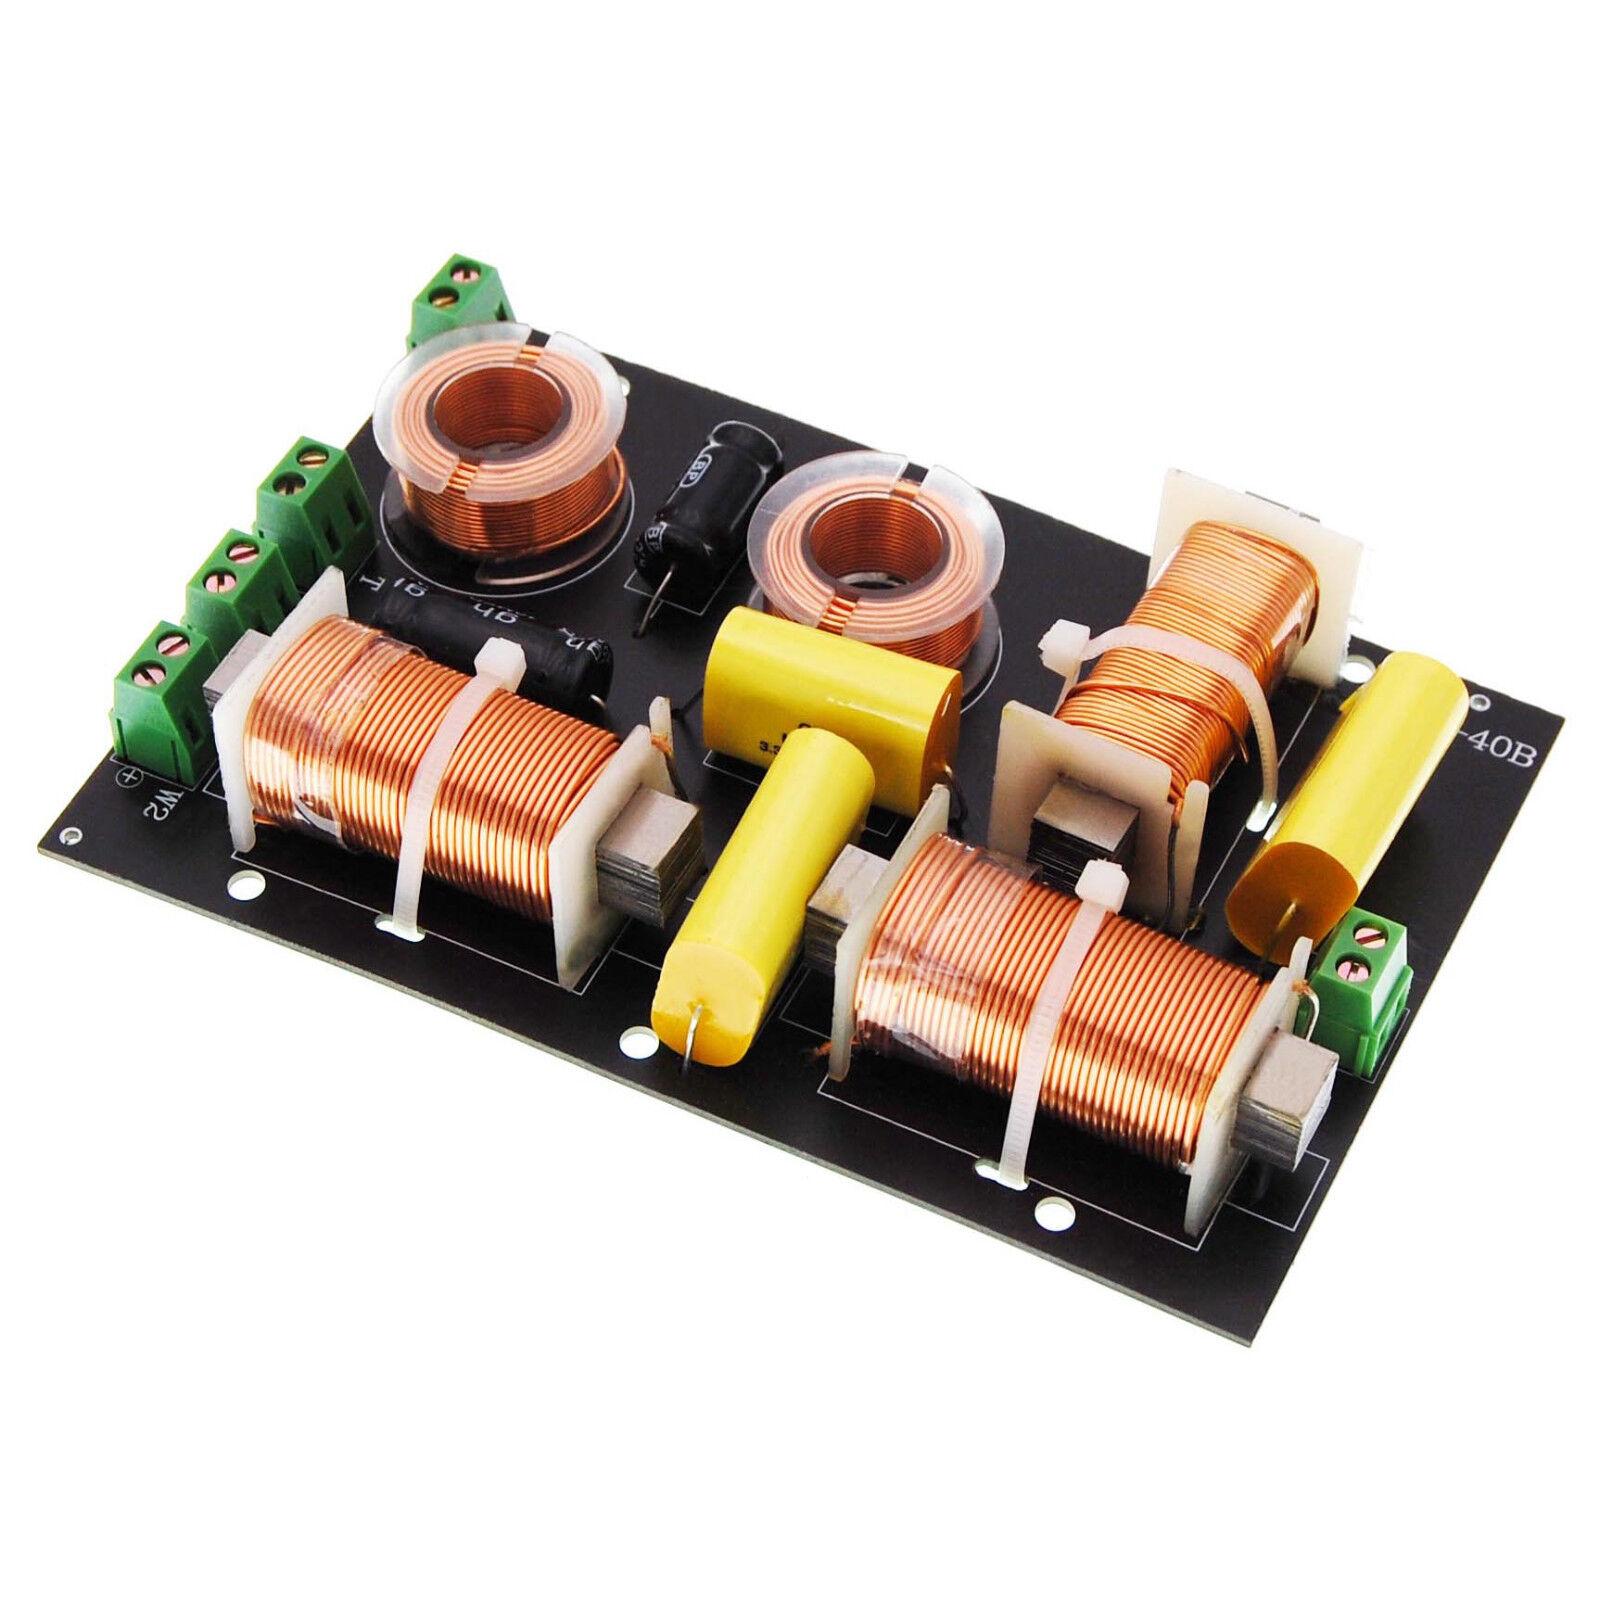 Frequenzweiche Pro 3-Wege, 300 Watt, 2 Subwoofer-Ausgänge, Lautsprecher Weiche